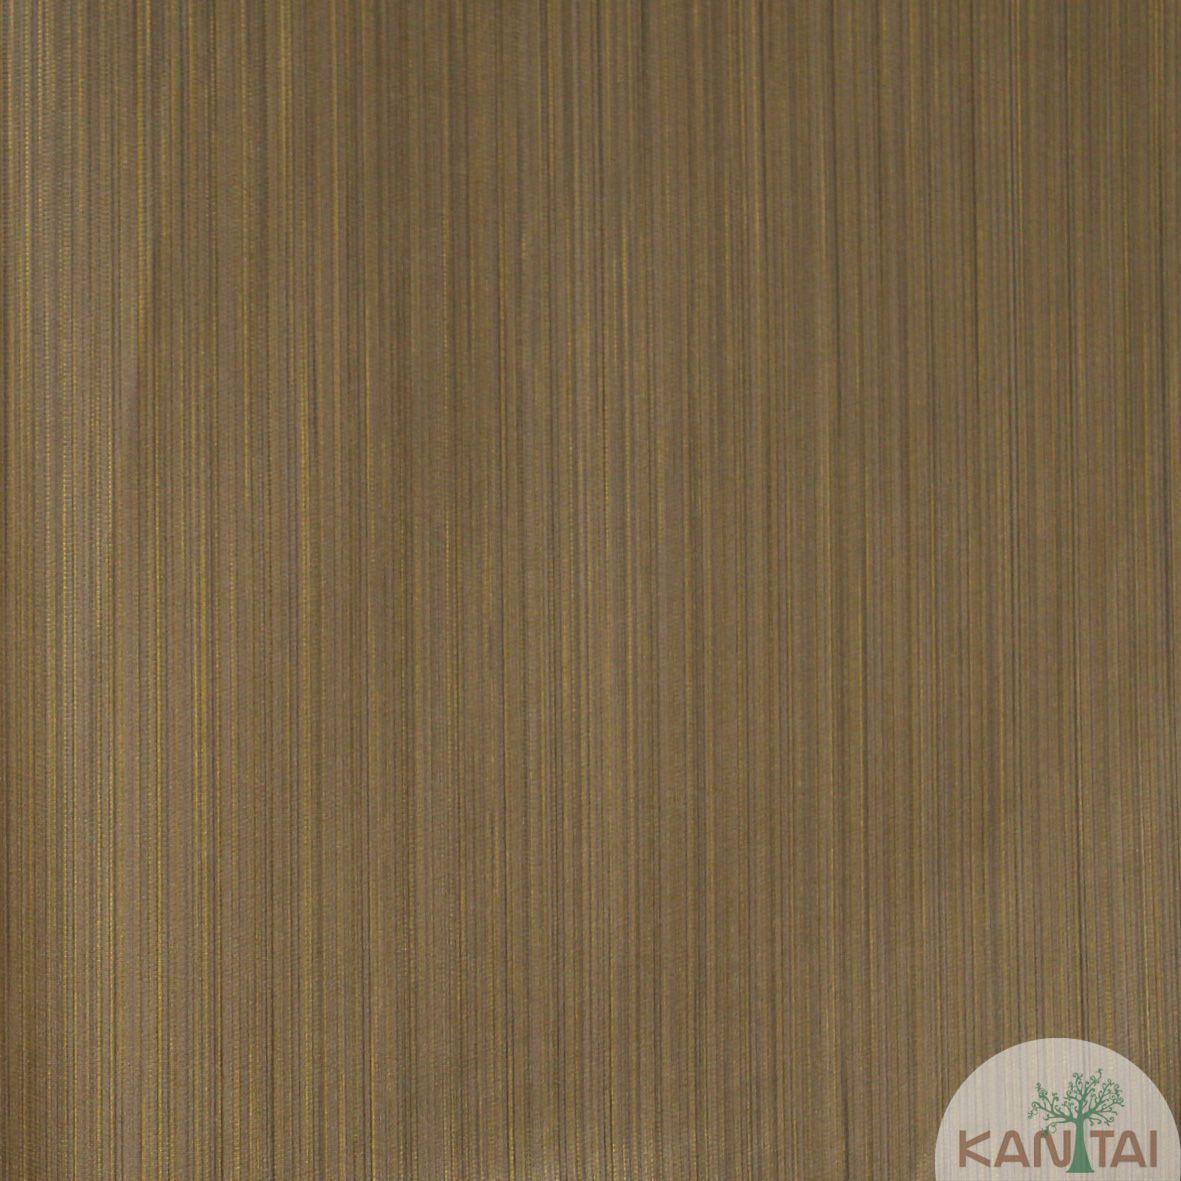 Papel de Parede Importado  Kan Tai  Vinílico Coleção Grace Textura Listras Finas Marrom, Dourado